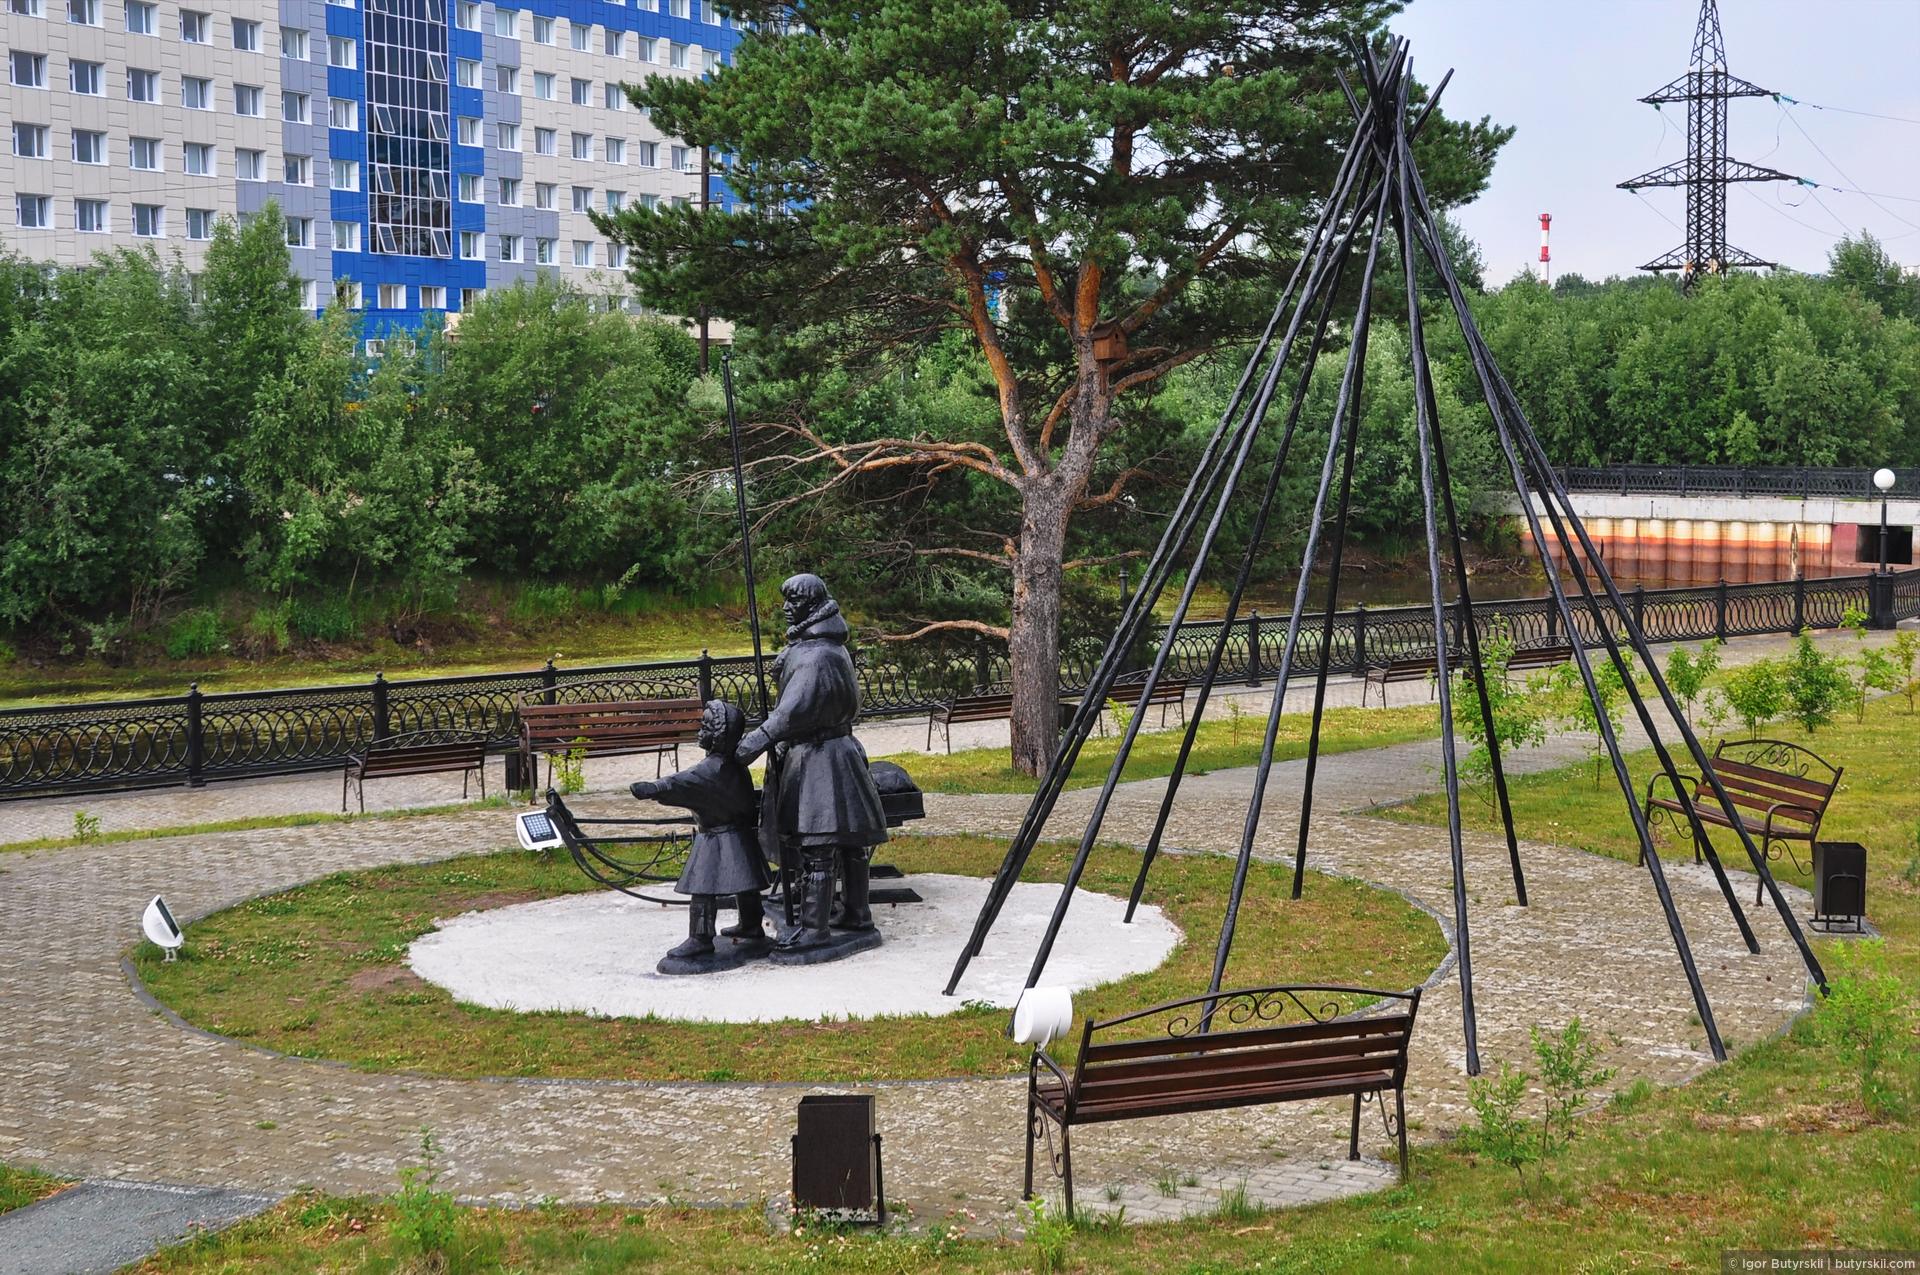 27. На другой набережной находится небольшой парк с национальными скульптурами. Попасть в него было почти нереально, вход располагается так неудобно, парковок нет вообще, а дождь не давал гулять подолгу., Сургут